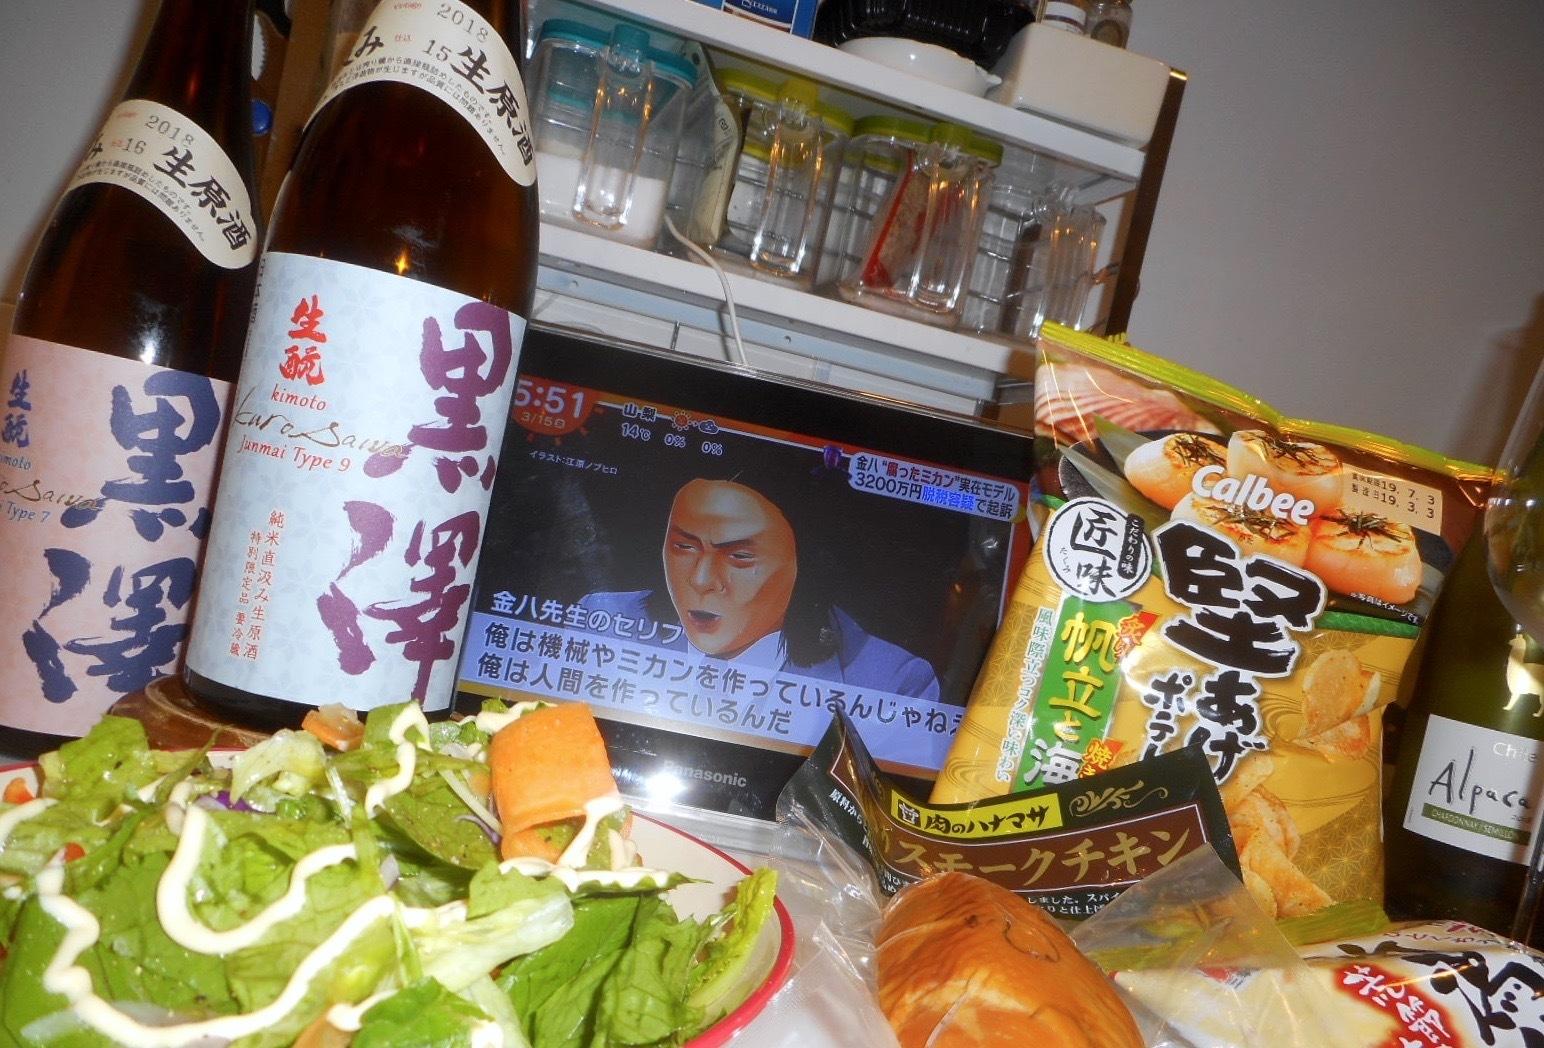 kurosawa_type9_30by1_8.jpg